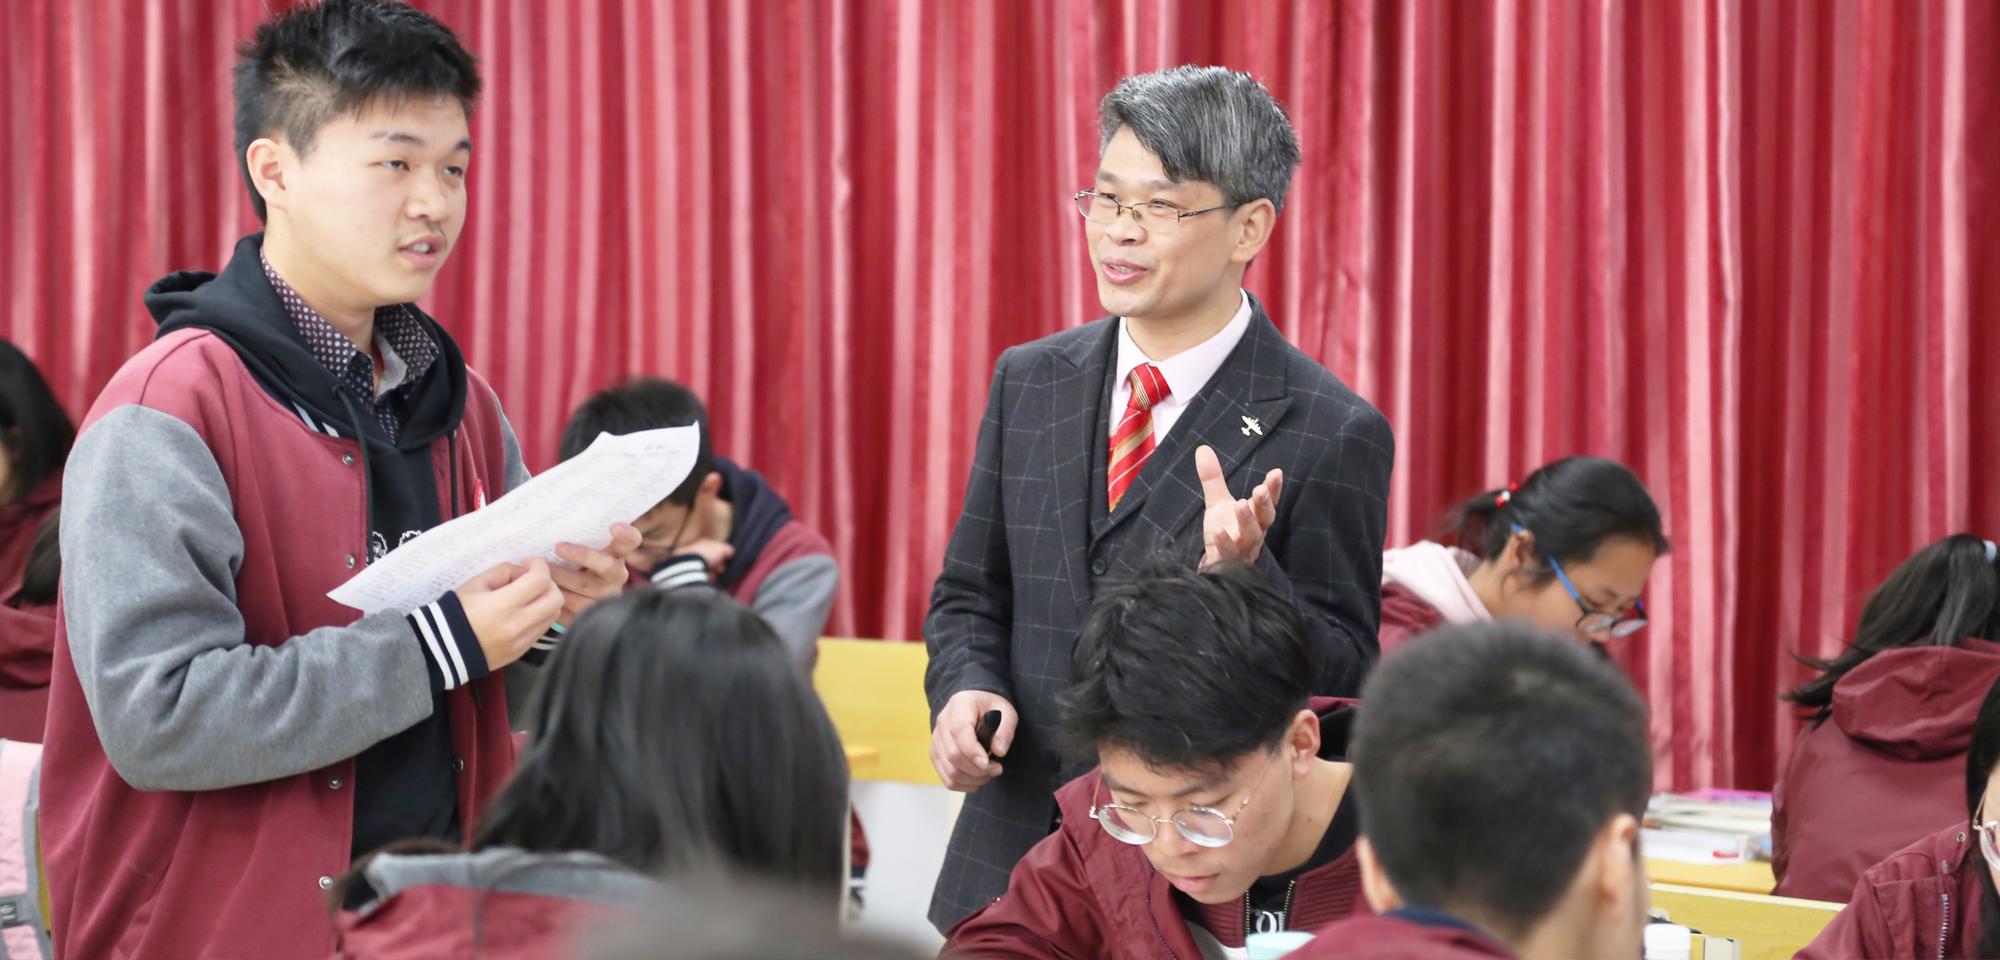 3月25日,和煦暖阳、清风拂面,来自全国各地名师工作室的数学、英语教师齐聚各分会场